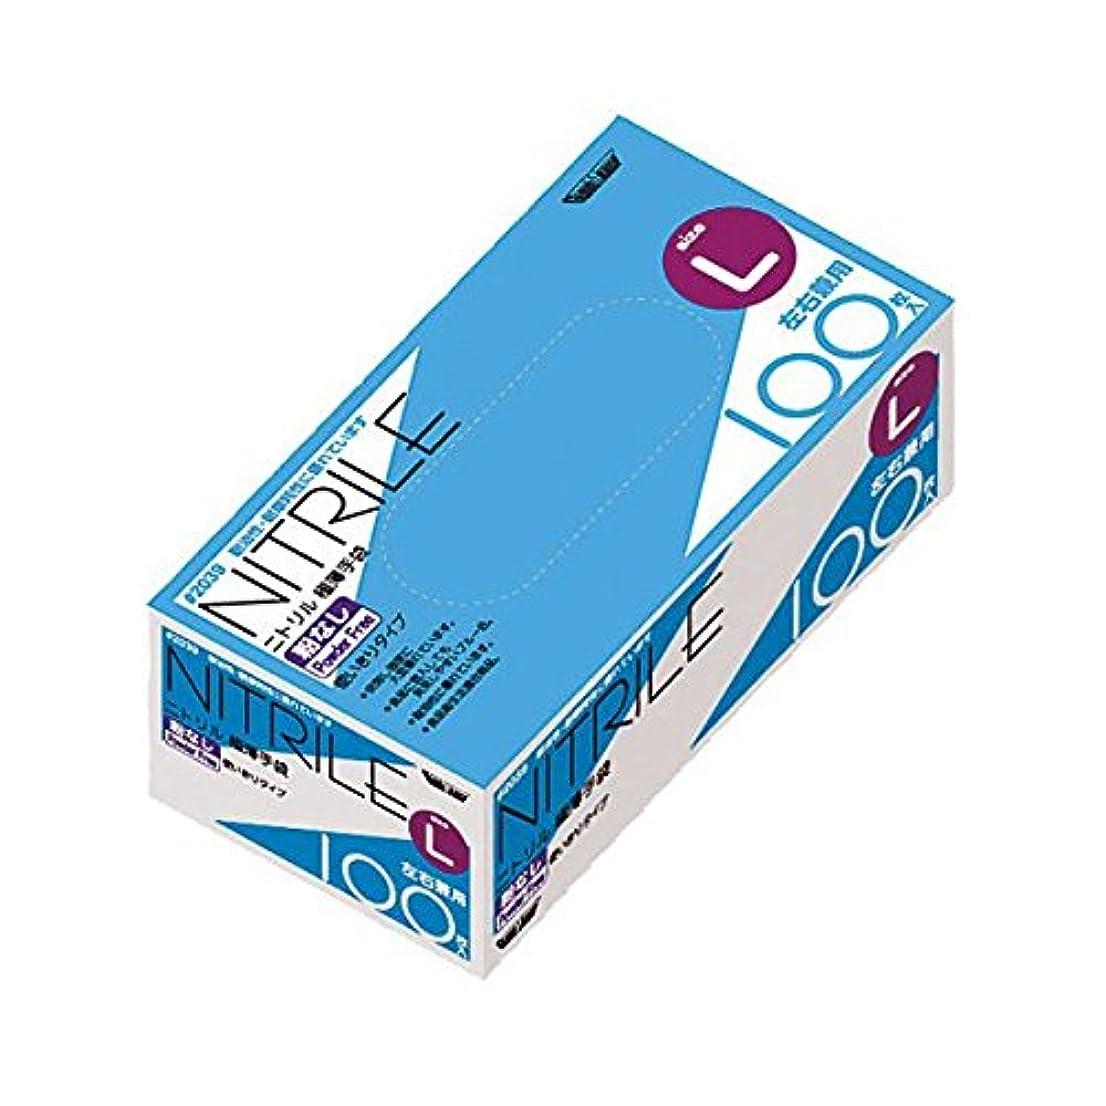 同意する順番日記(業務用20セット) 川西工業 ニトリル極薄手袋 粉なし BL #2039 Lサイズ ブルー ダイエット 健康 衛生用品 その他の衛生用品 14067381 [並行輸入品]